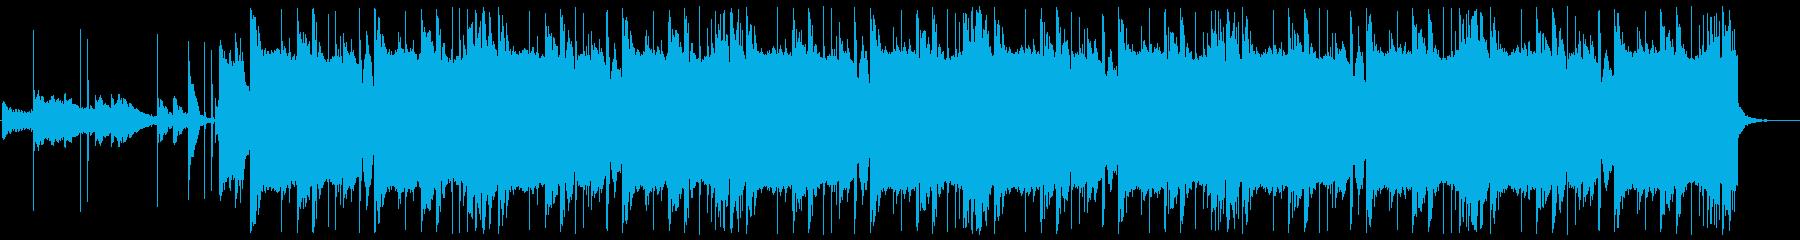 60秒/Trap/808/重厚濃厚/#1の再生済みの波形